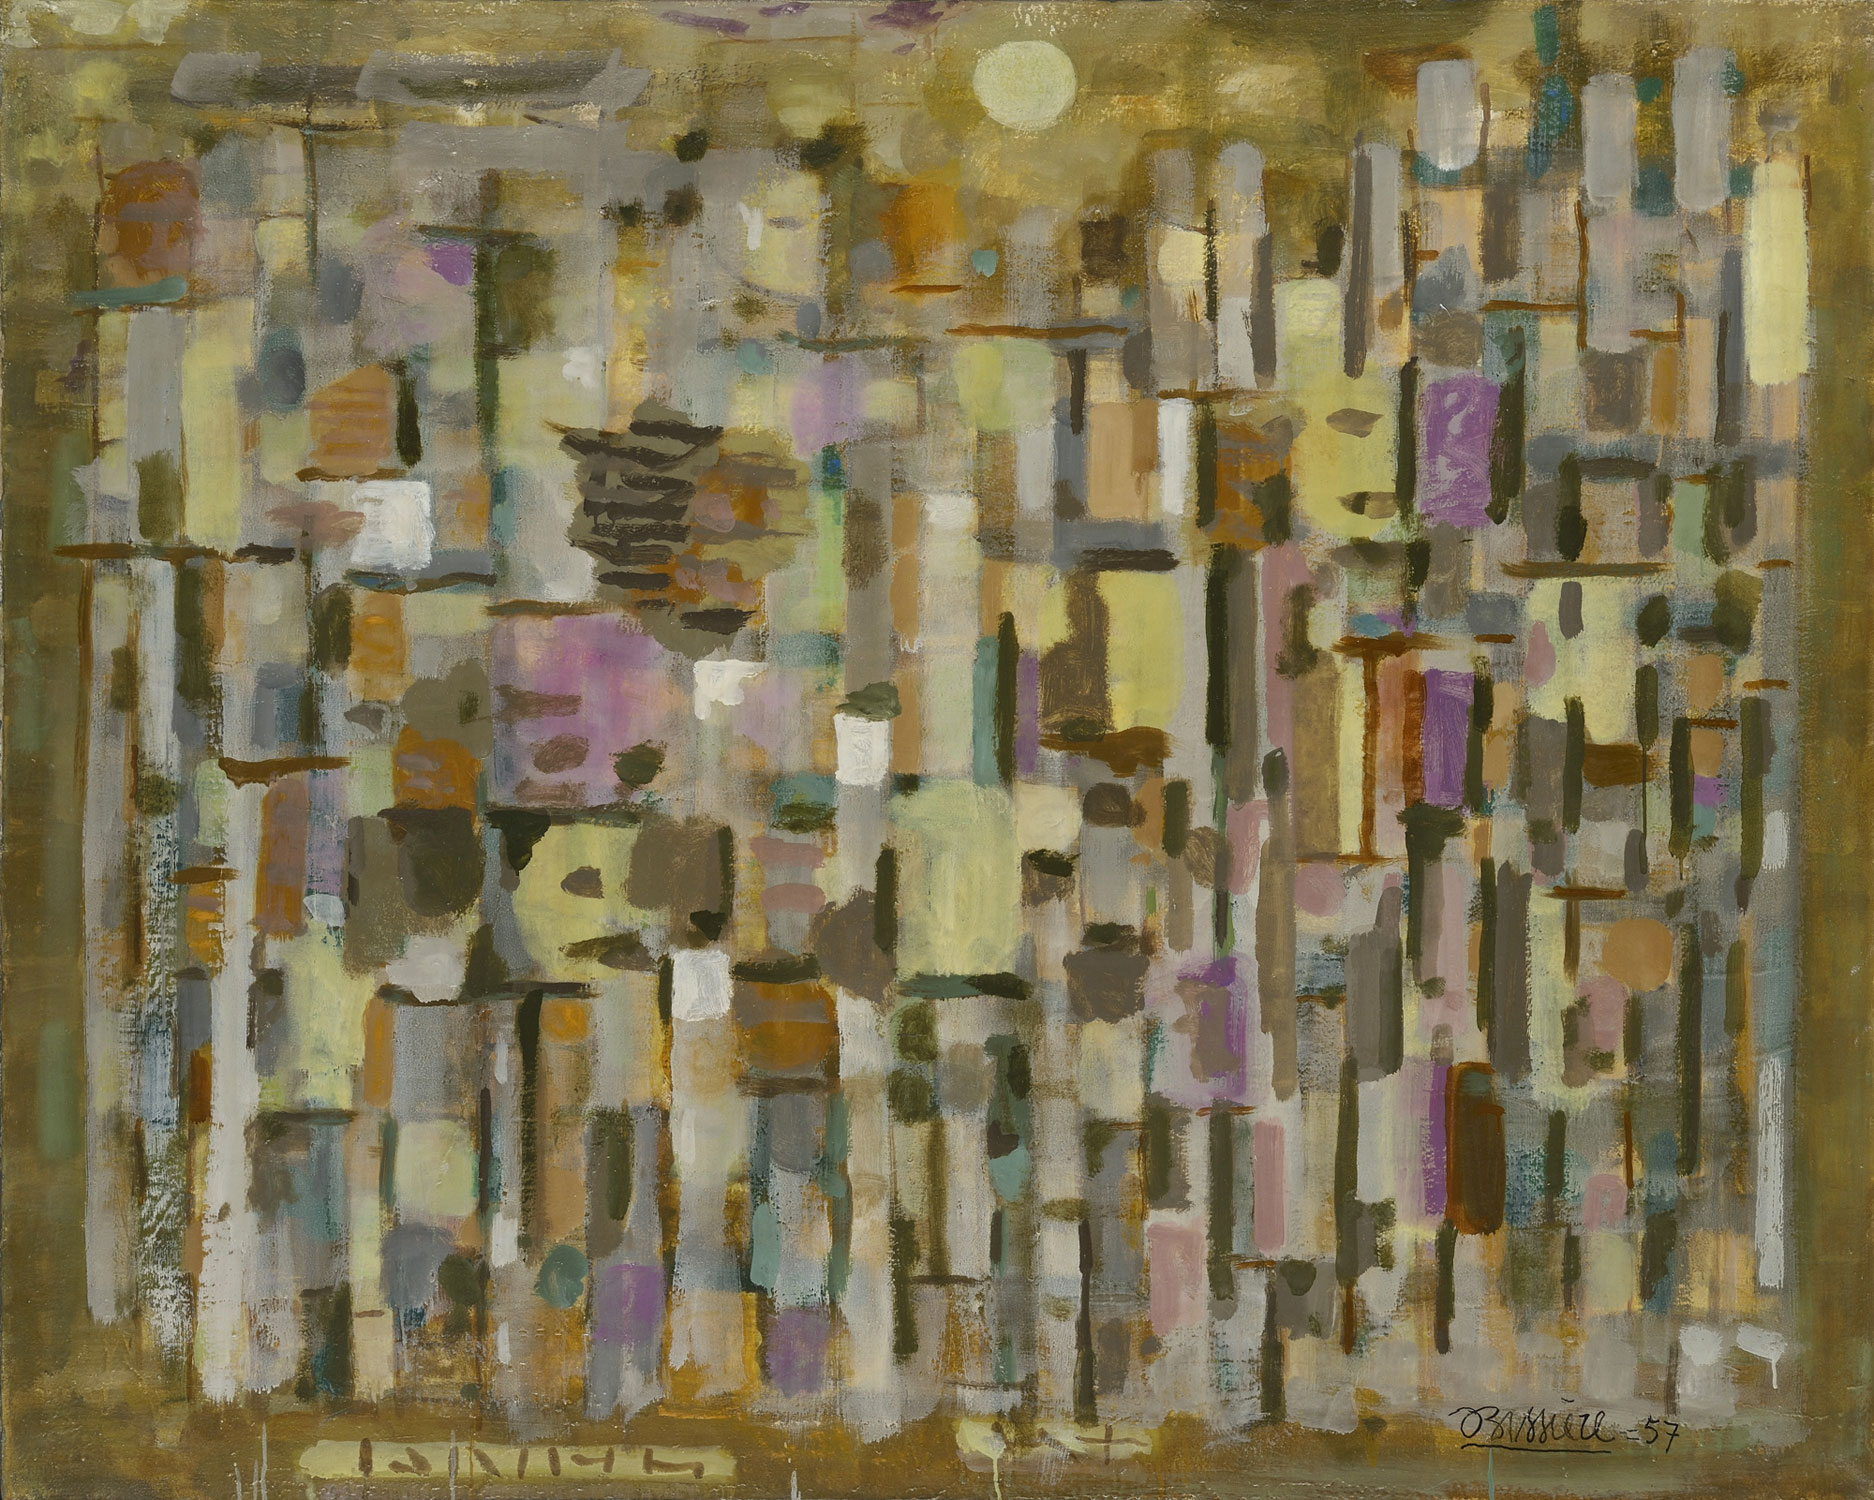 Équinoxe d'hiver, 1957 - Huile sur toile, 130 x 162 cm  - Coll. Part. - Bissière cat. raisonné n° 2354